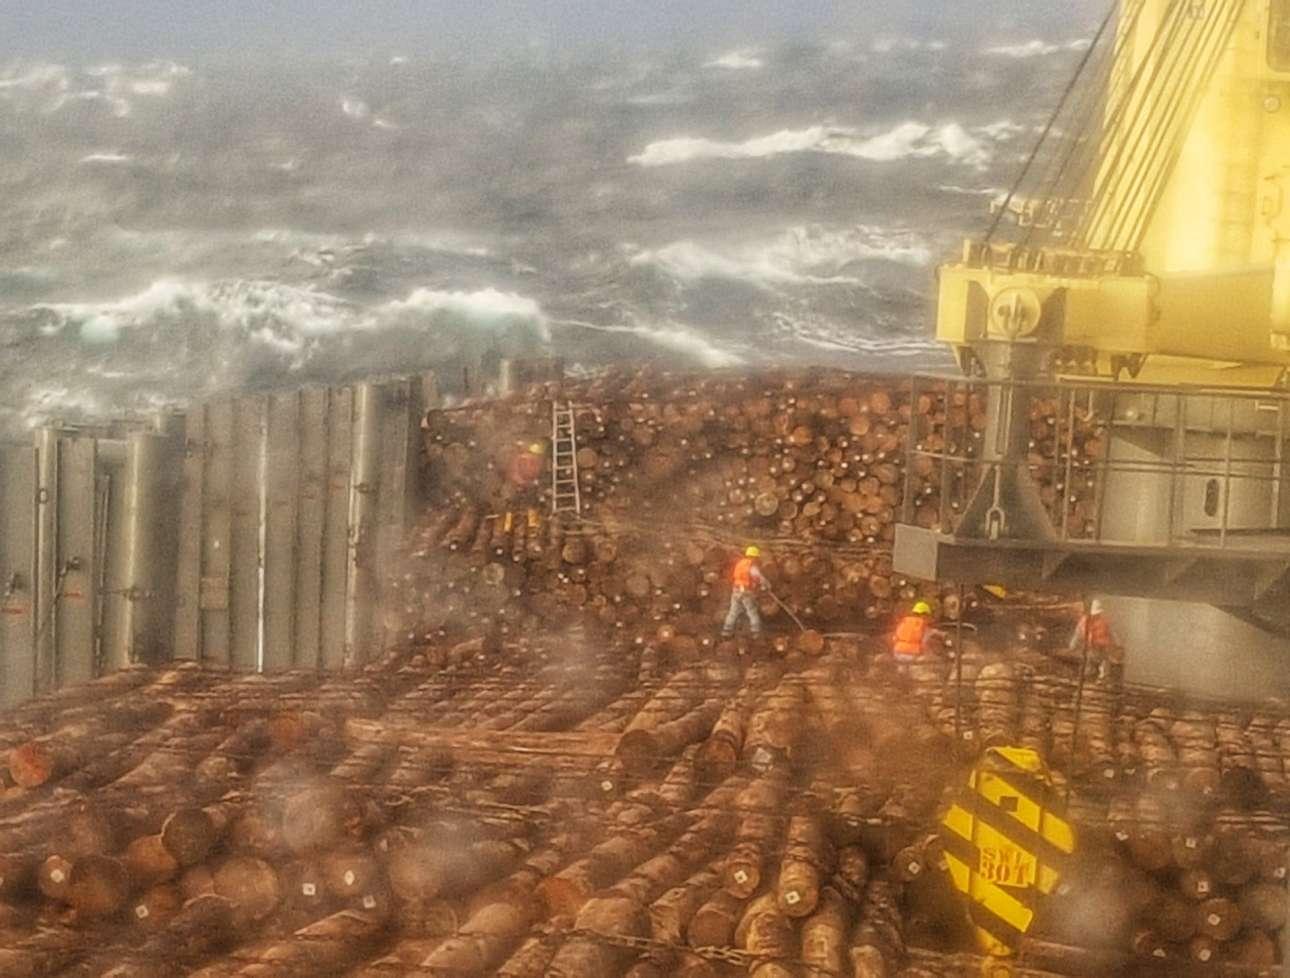 Επικό καρέ από τη μάχη του ανθρώπου με τη θάλασσα. Φουρτούνα έπειτα από σαράντα ημέρες στο νερό, μέσα σε απόλυτο lockdown, με ρότα για την Κίνα από την Αργεντινή και με δύσκολο φορτίο, ξυλείας. Πολλές ζημιές εξαιτίας της κακοκαιρίας, αλλά και πολύ σθένος